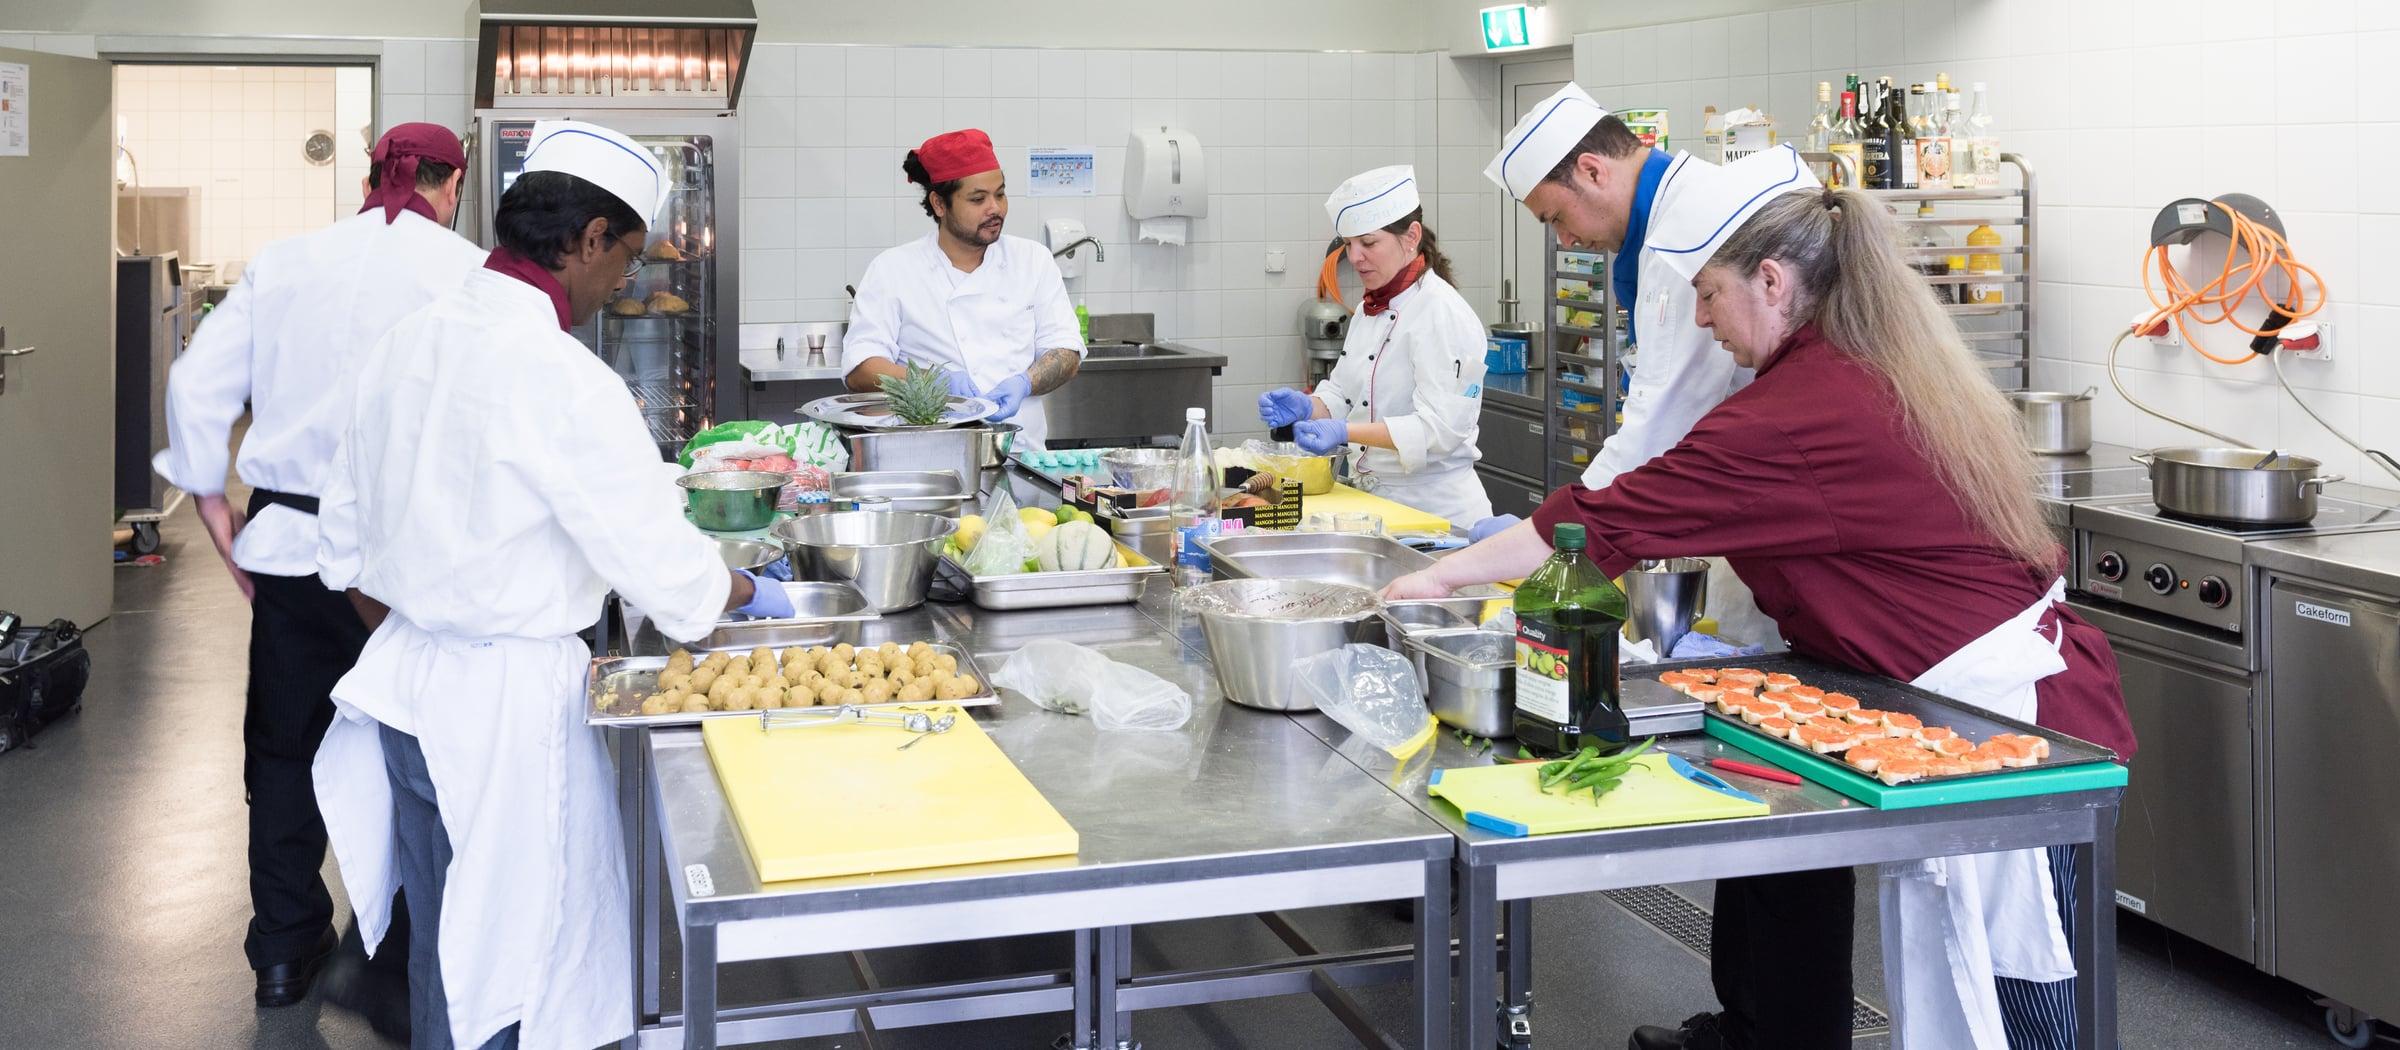 Pistor Inspiration Flüchtlinge in der Gastronomie nicht immer willkommen aber höchst wertvoll Riesco 107